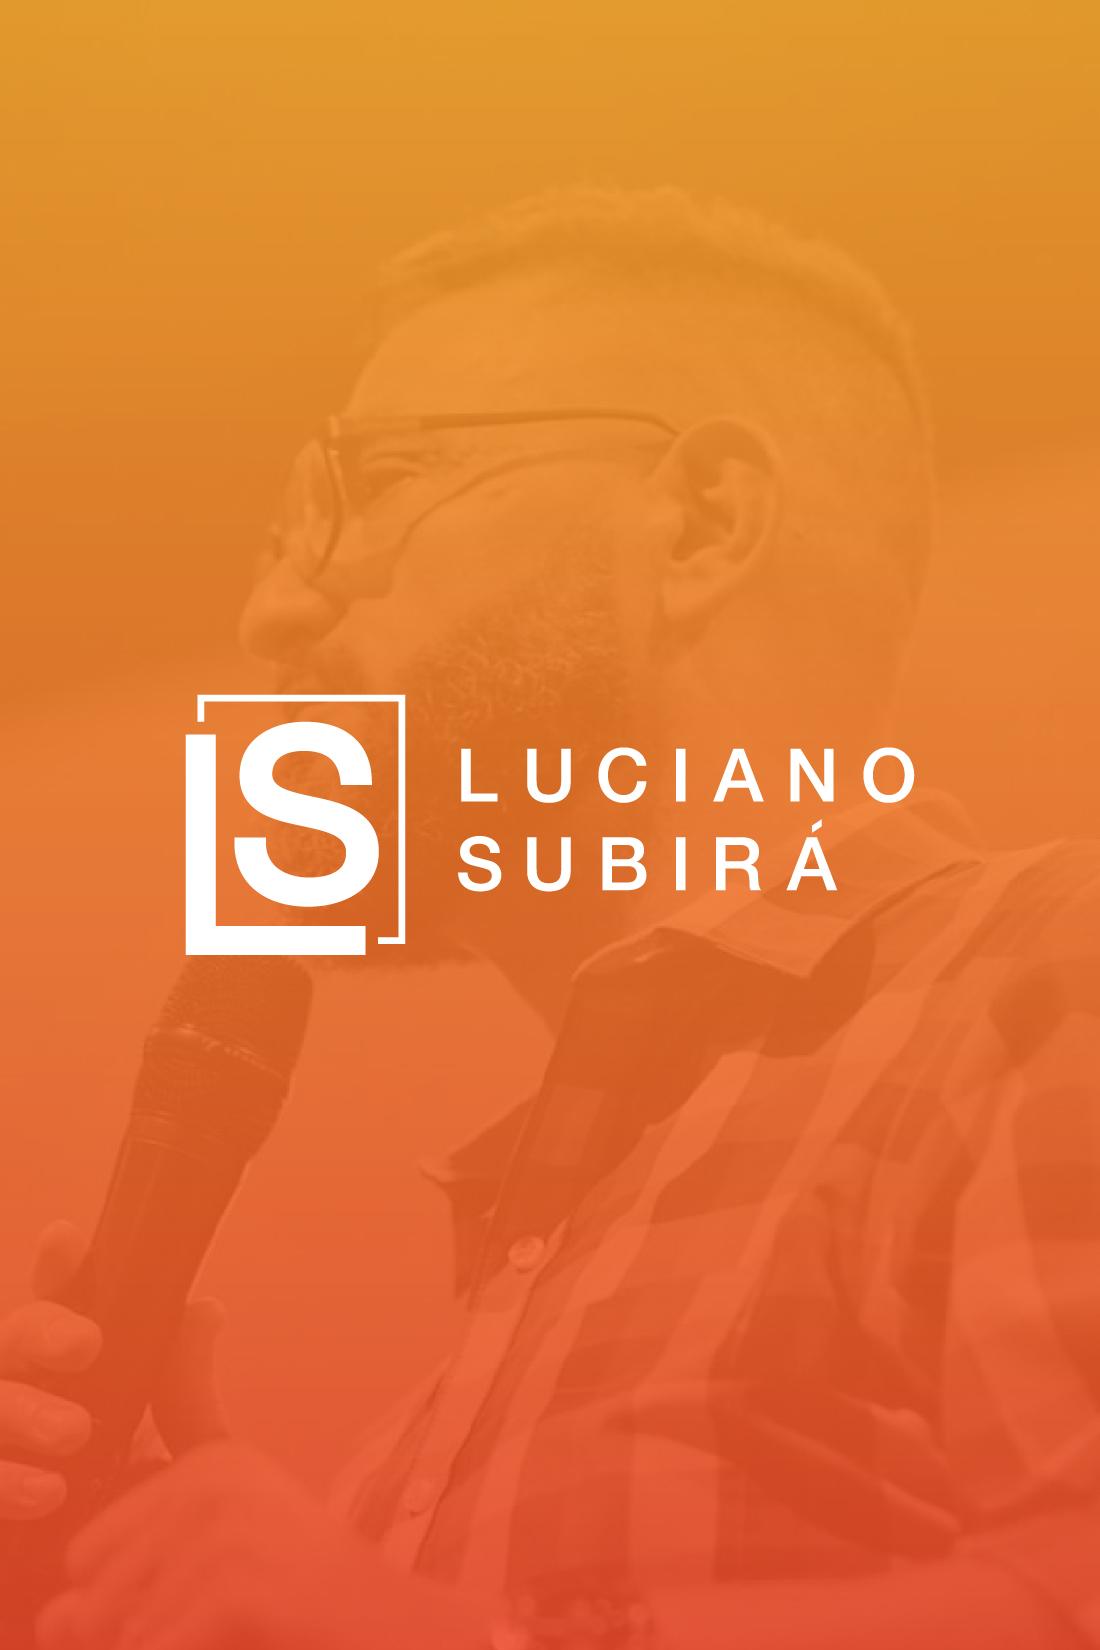 LUCIANO SUBIRÁ